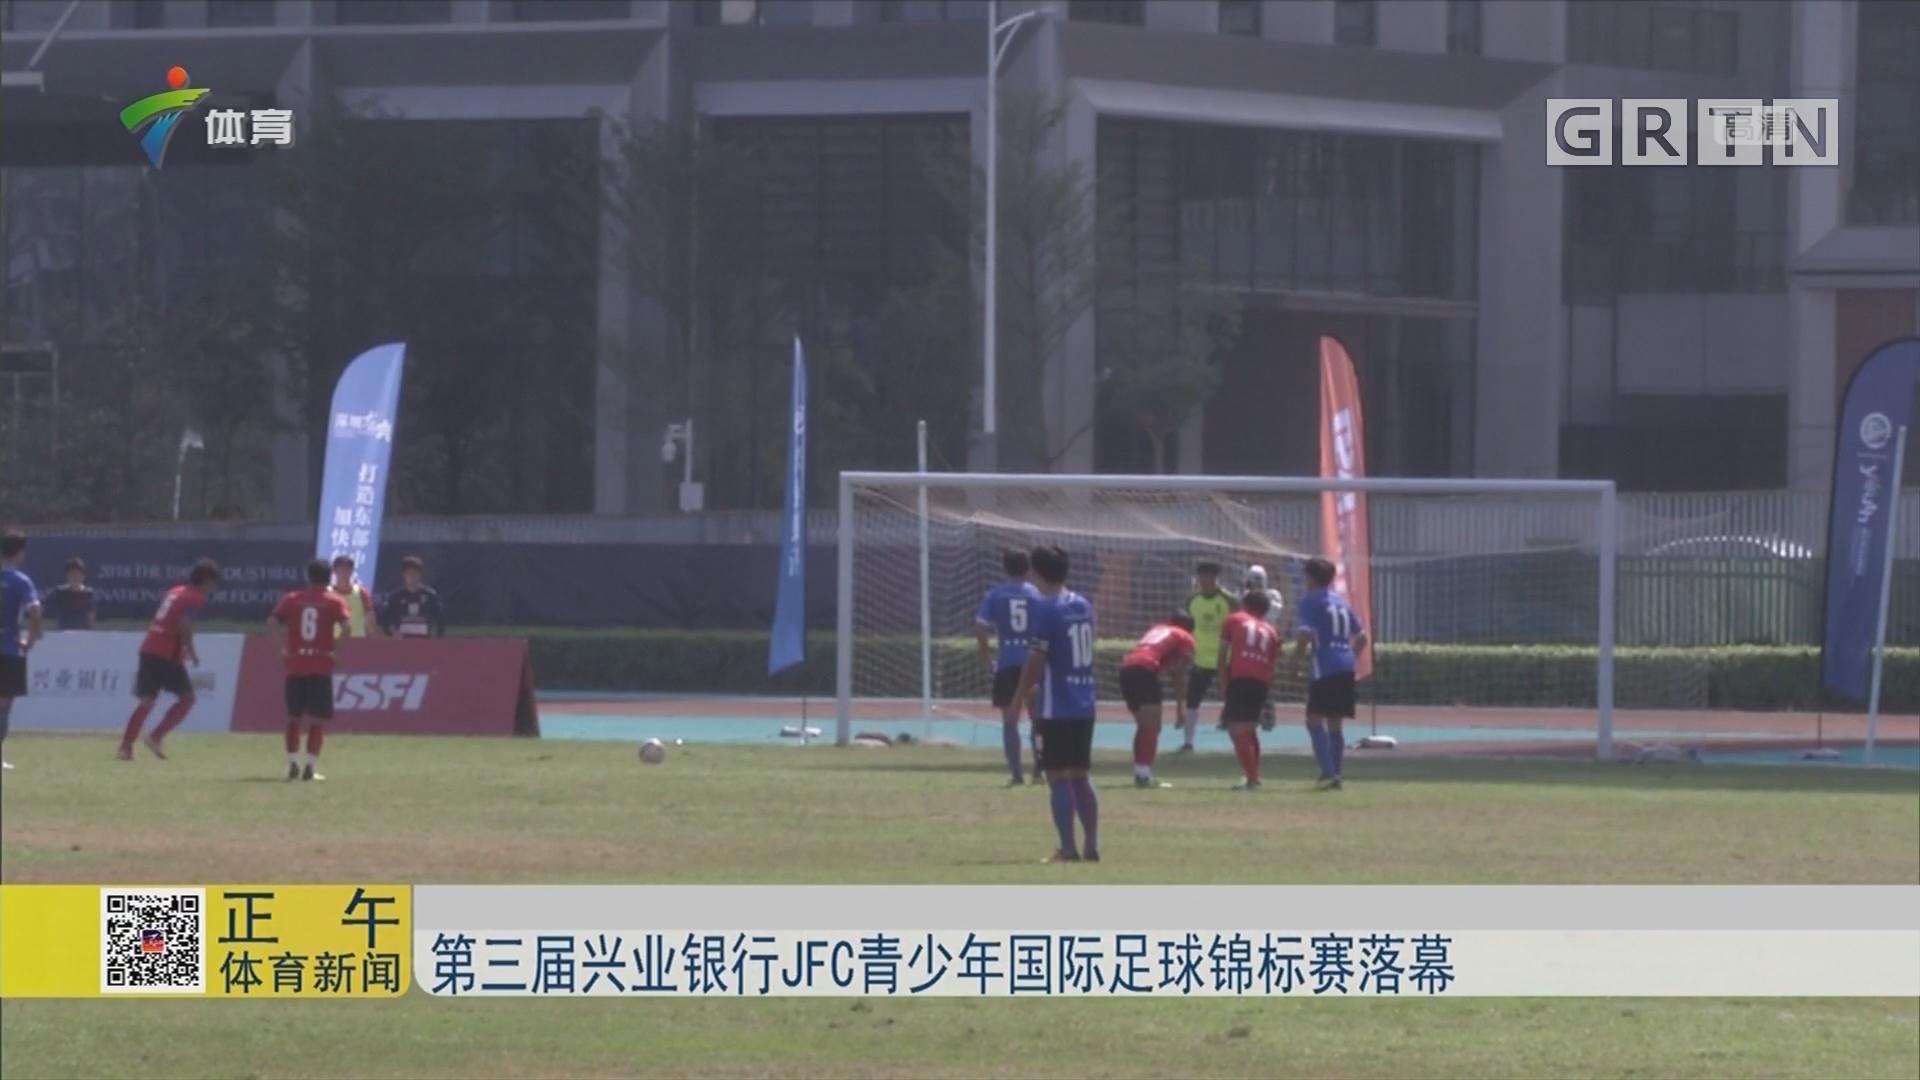 第三届兴业银行JFC青少年国际足球锦标赛落幕